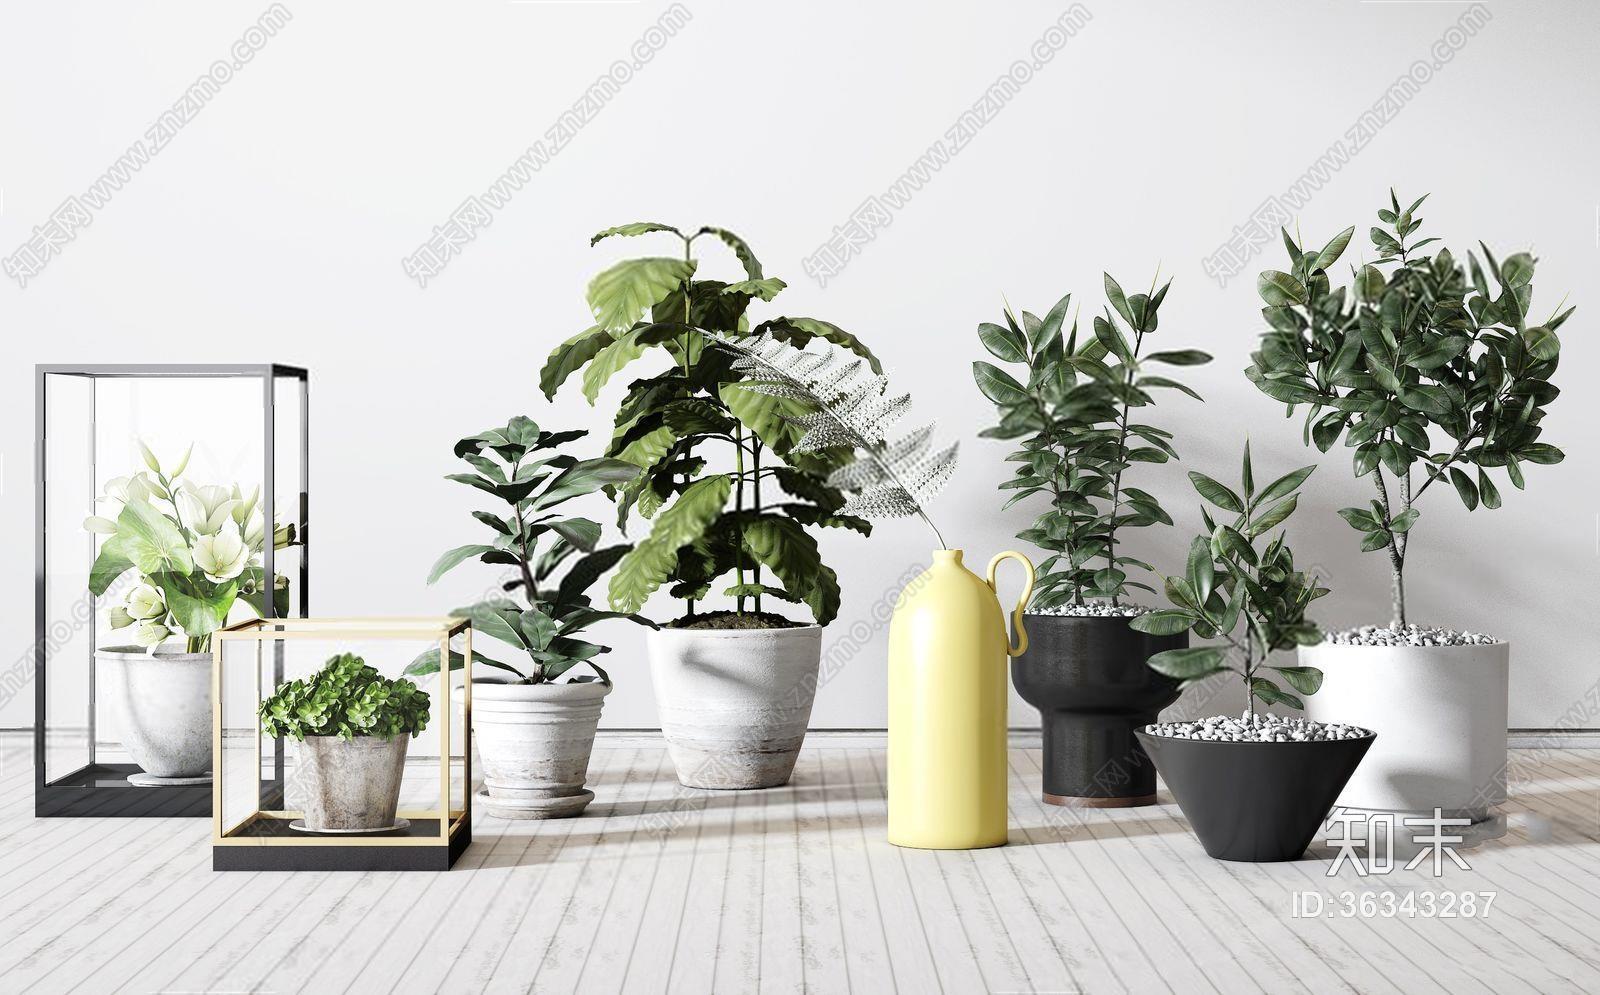 植物盆栽组合 北欧绿植 盆栽 绿植 花瓶 花卉 器皿 陶瓷